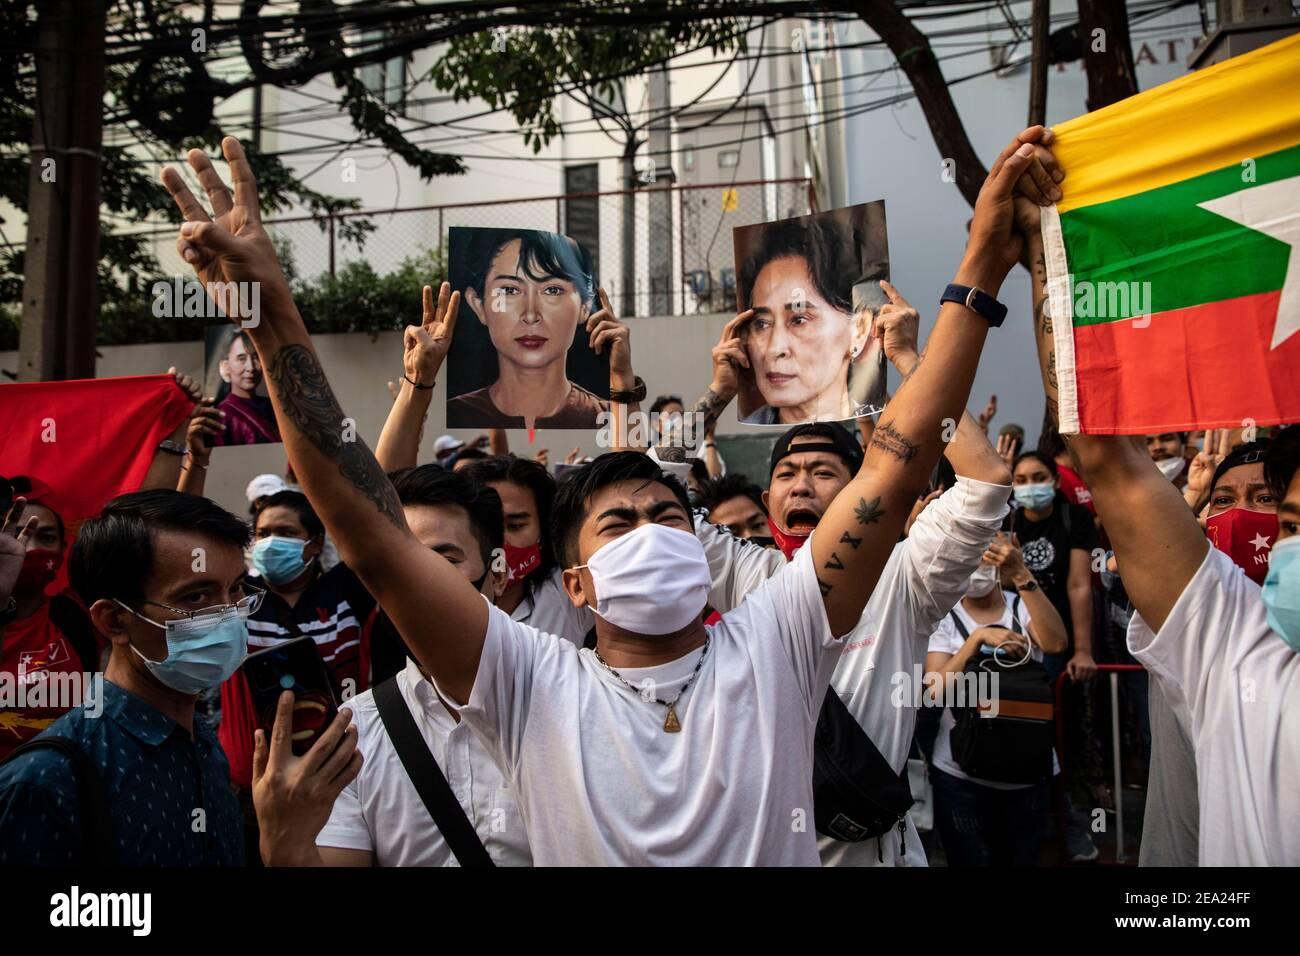 Thaïlande. 7 février 2021. Les citoyens du Myanmar tiennent le salut à trois doigts devant l'ambassade du Myanmar, lors d'une manifestation contre le coup d'État militaire du Myanmar, à Bangkok, en Thaïlande, le dimanche 7 février 2021, à Bangkok, en Thaïlande. Credit: Andre Malerba/ZUMA Wire/Alay Live News Banque D'Images